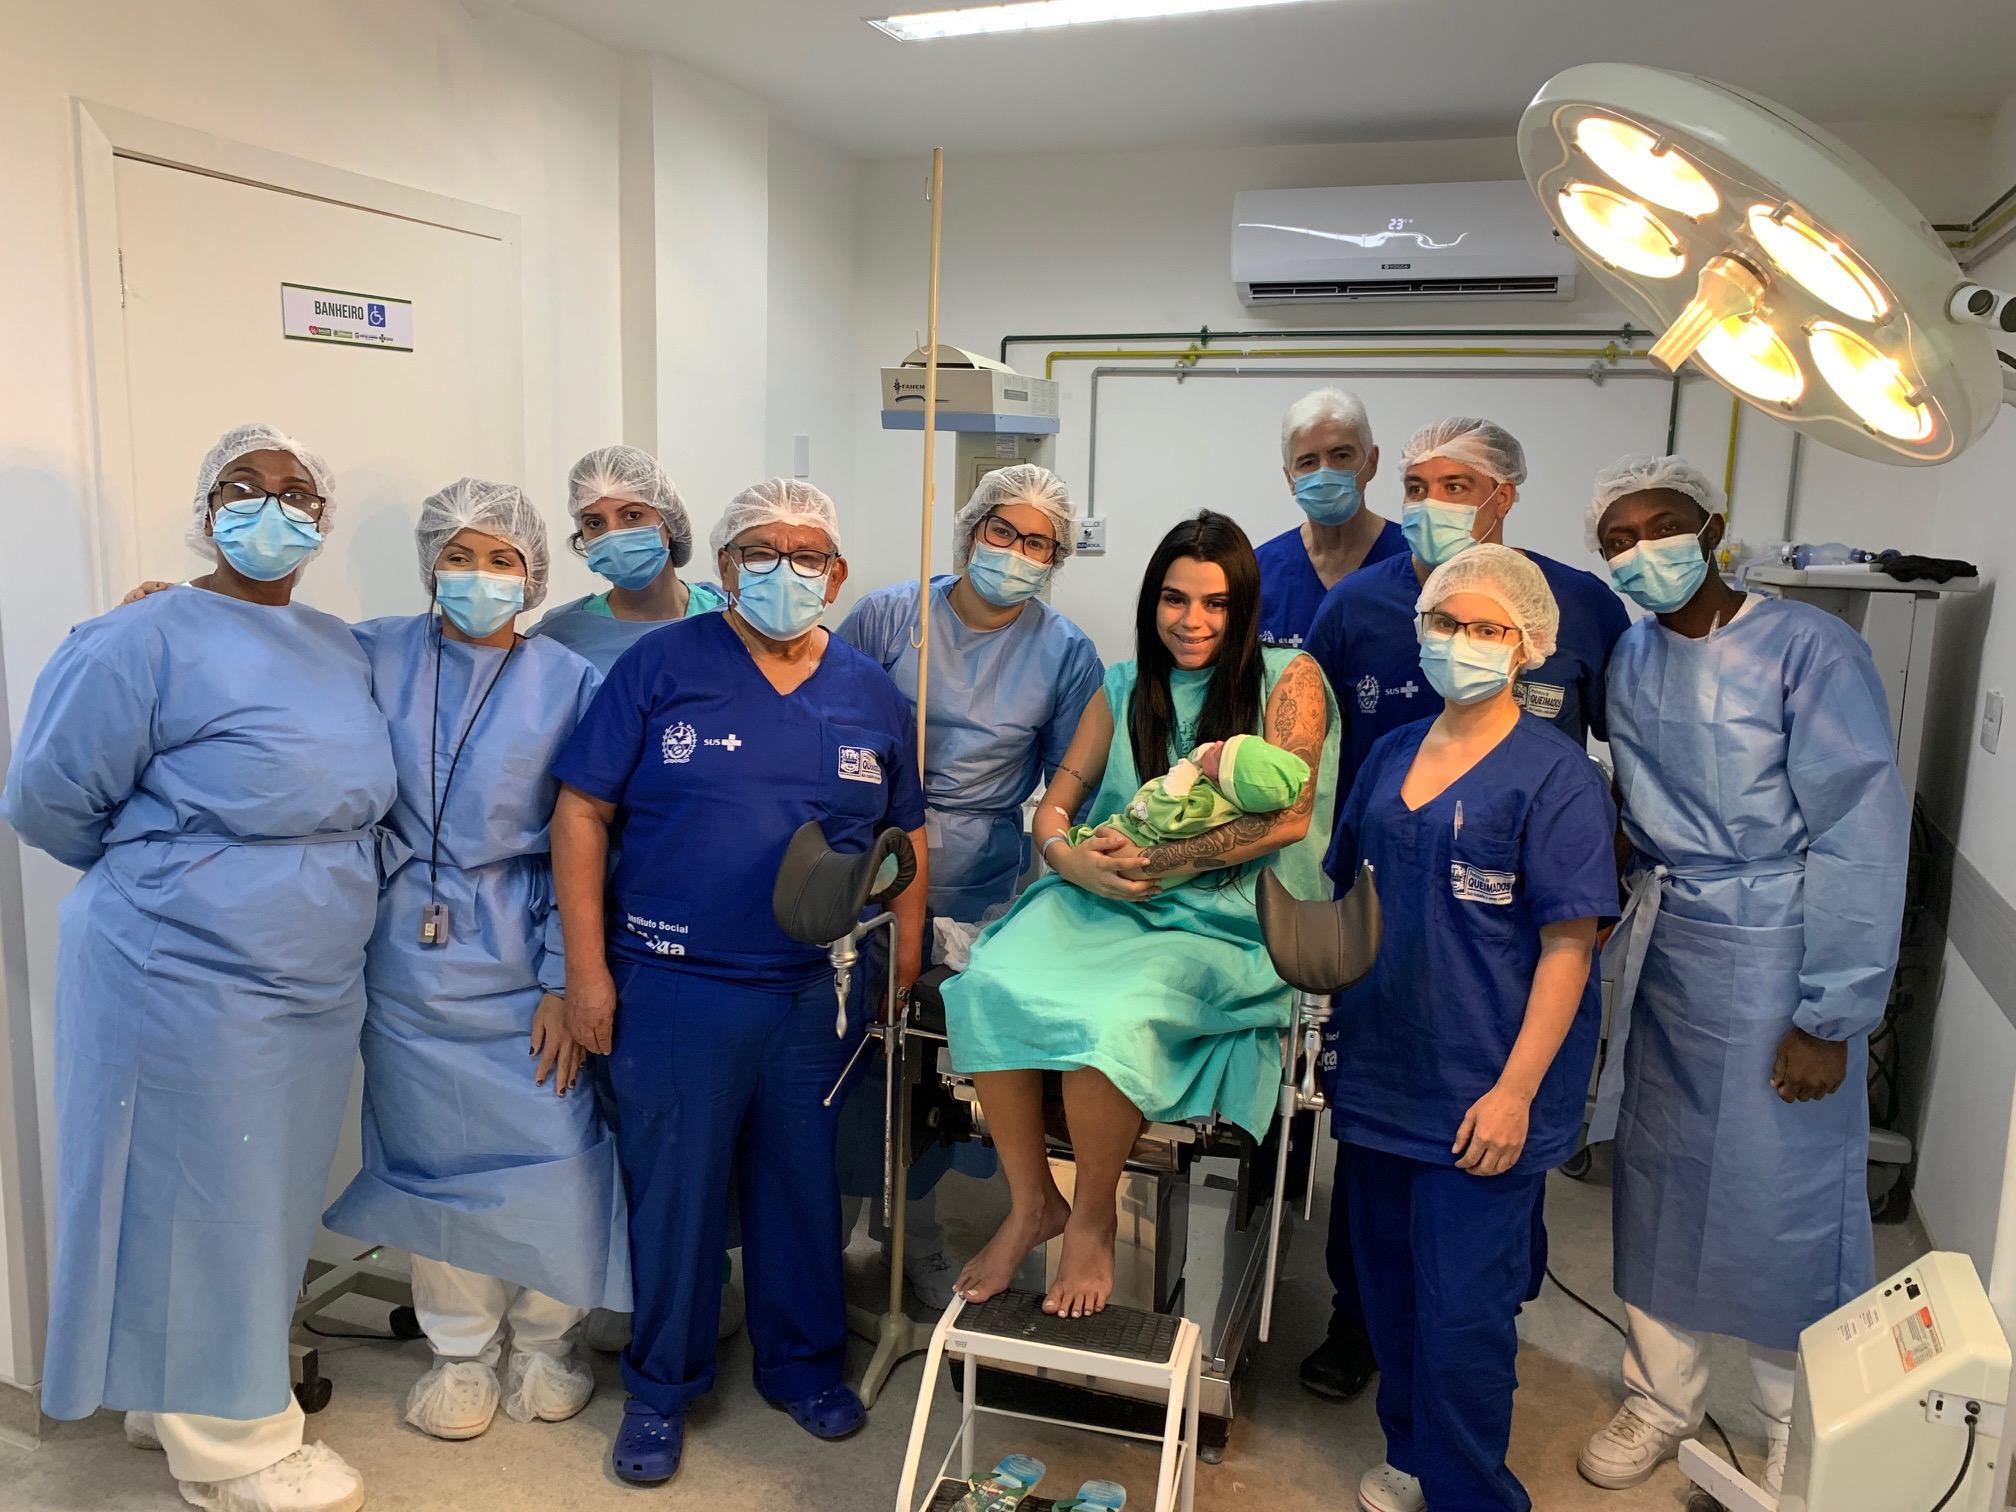 Nasce o primeiro bebê em Queimados: menino com quase três quilos veio ao mundo no dia da inauguração da maternidade